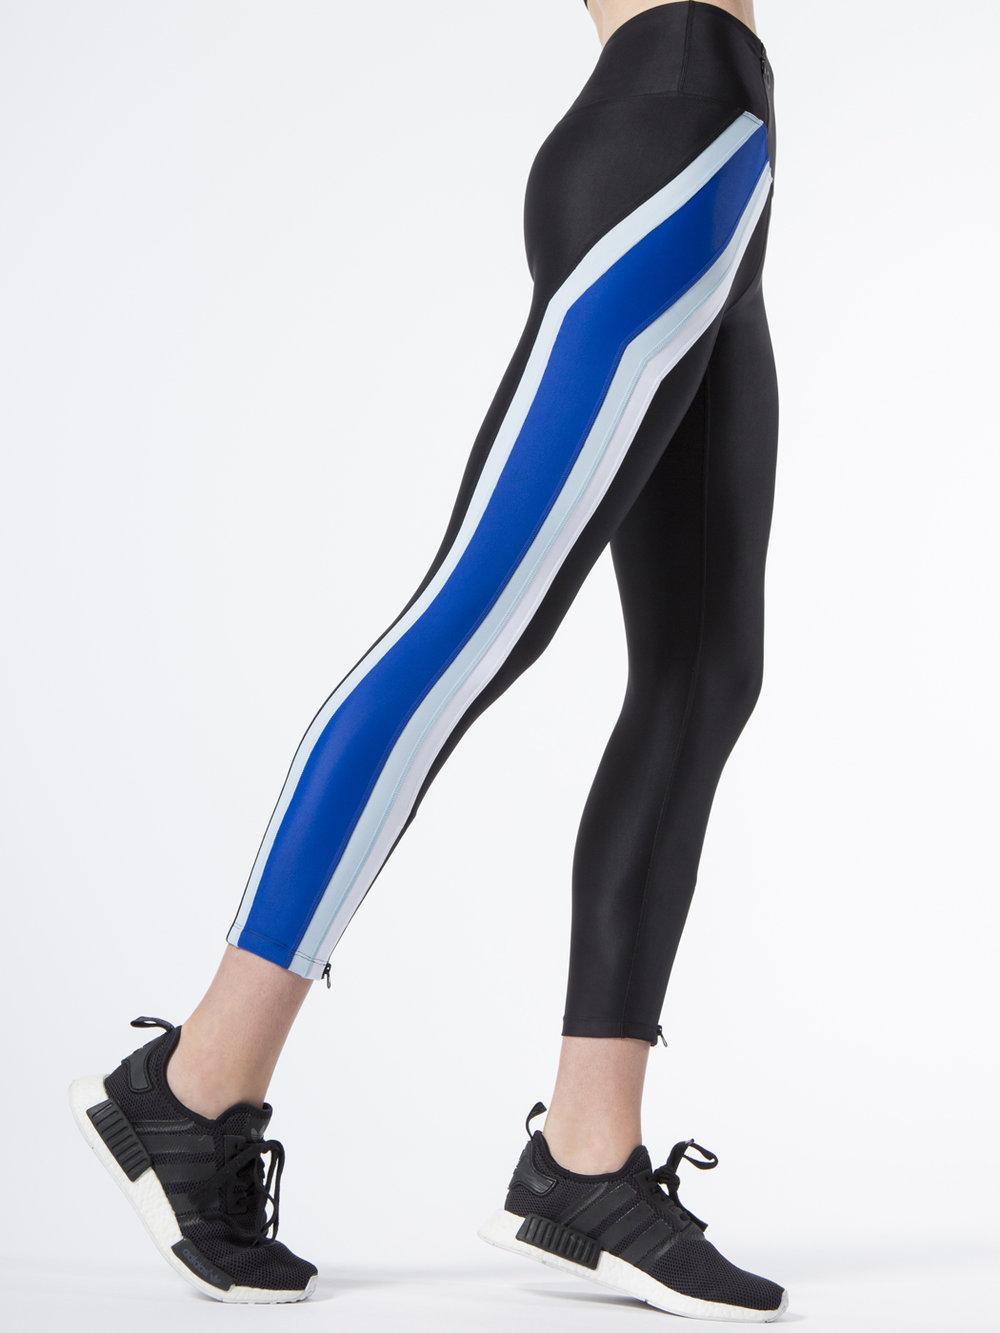 2-p.e.-nation-set-position-legging-bottoms-black.jpg